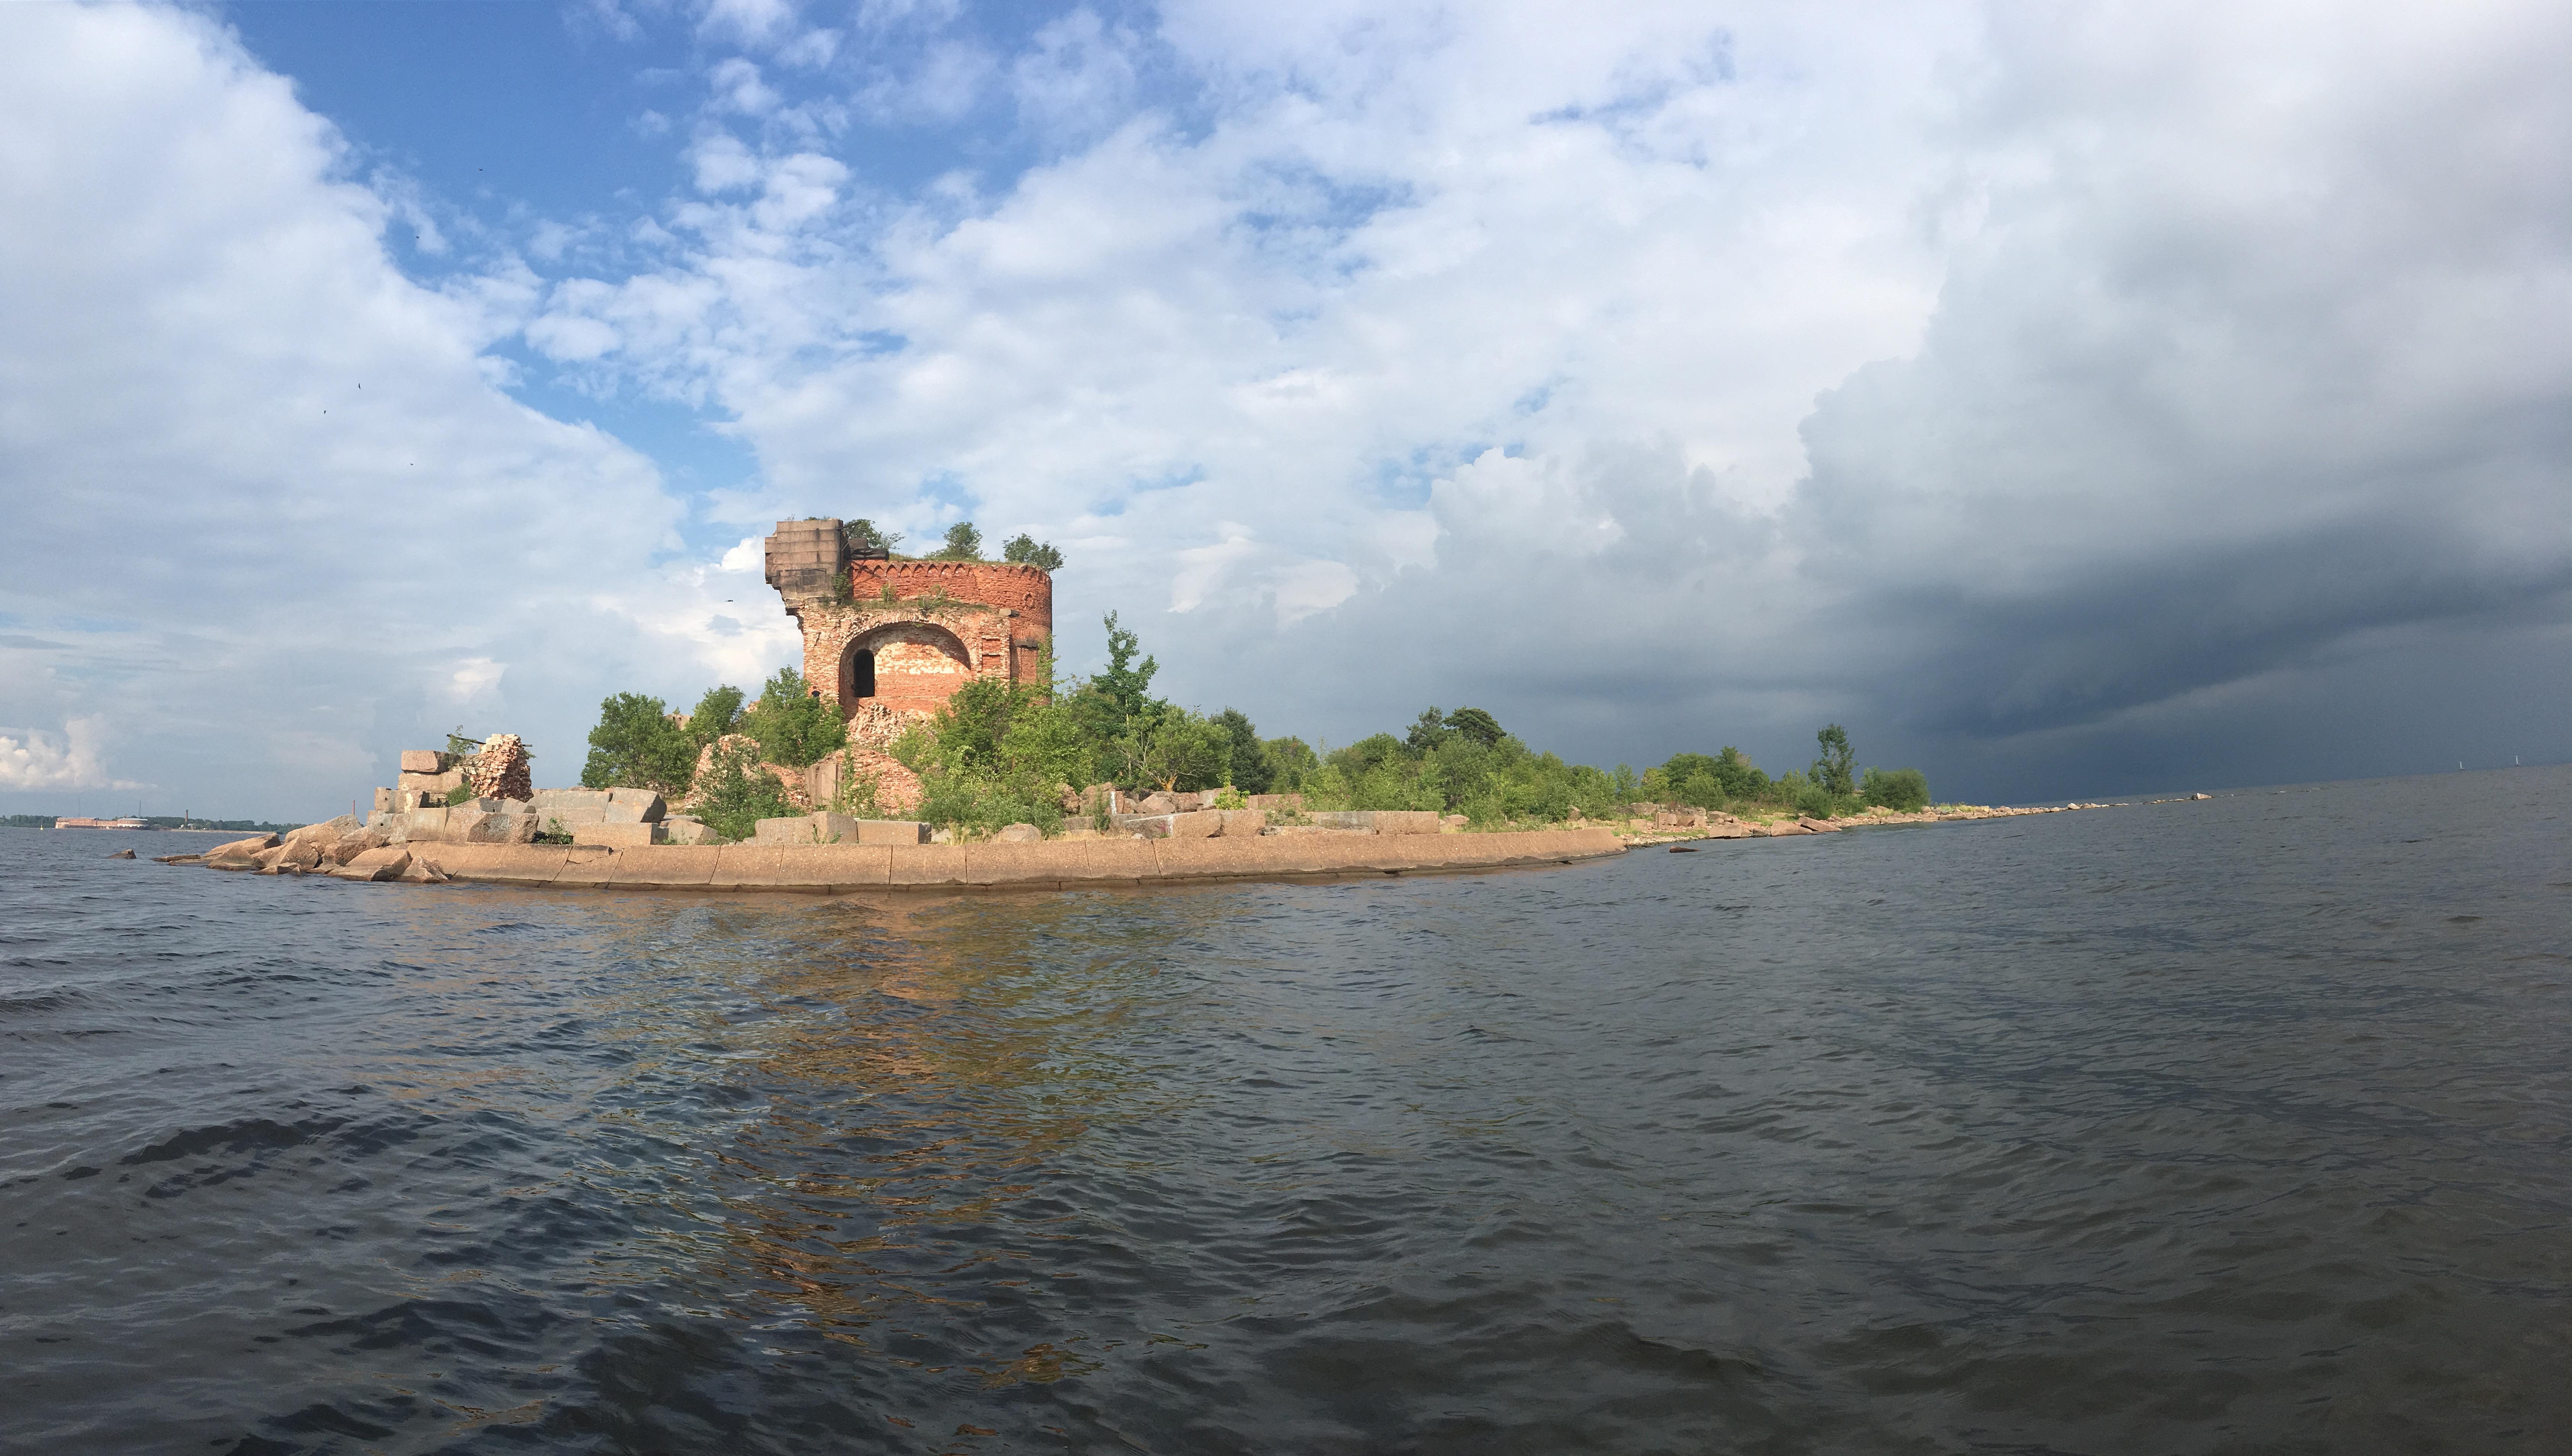 Остатки сооружений форта